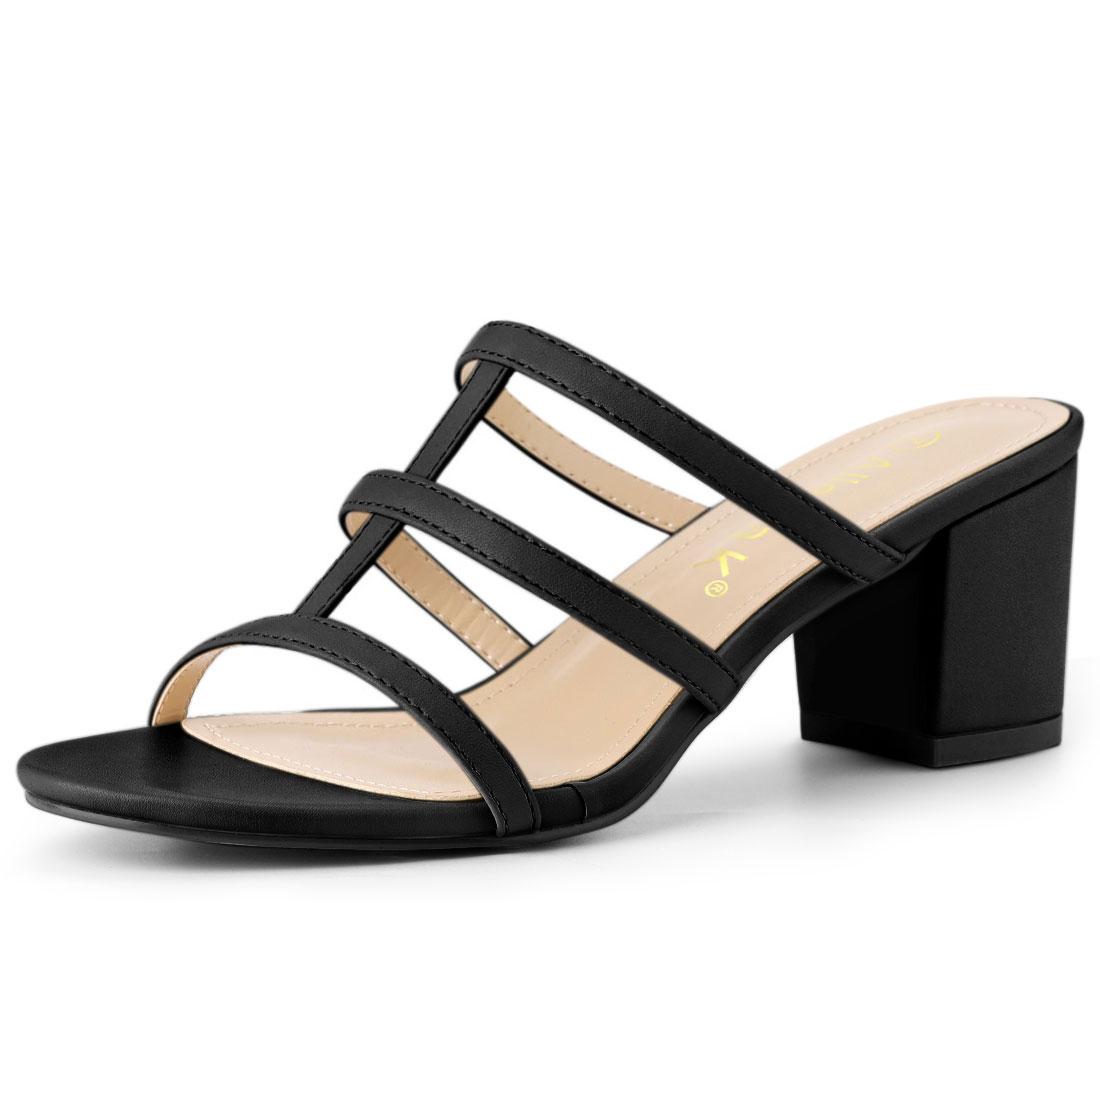 Allegra K Women's T Straps Block Heels Slip On Slide Sandals Black US 6